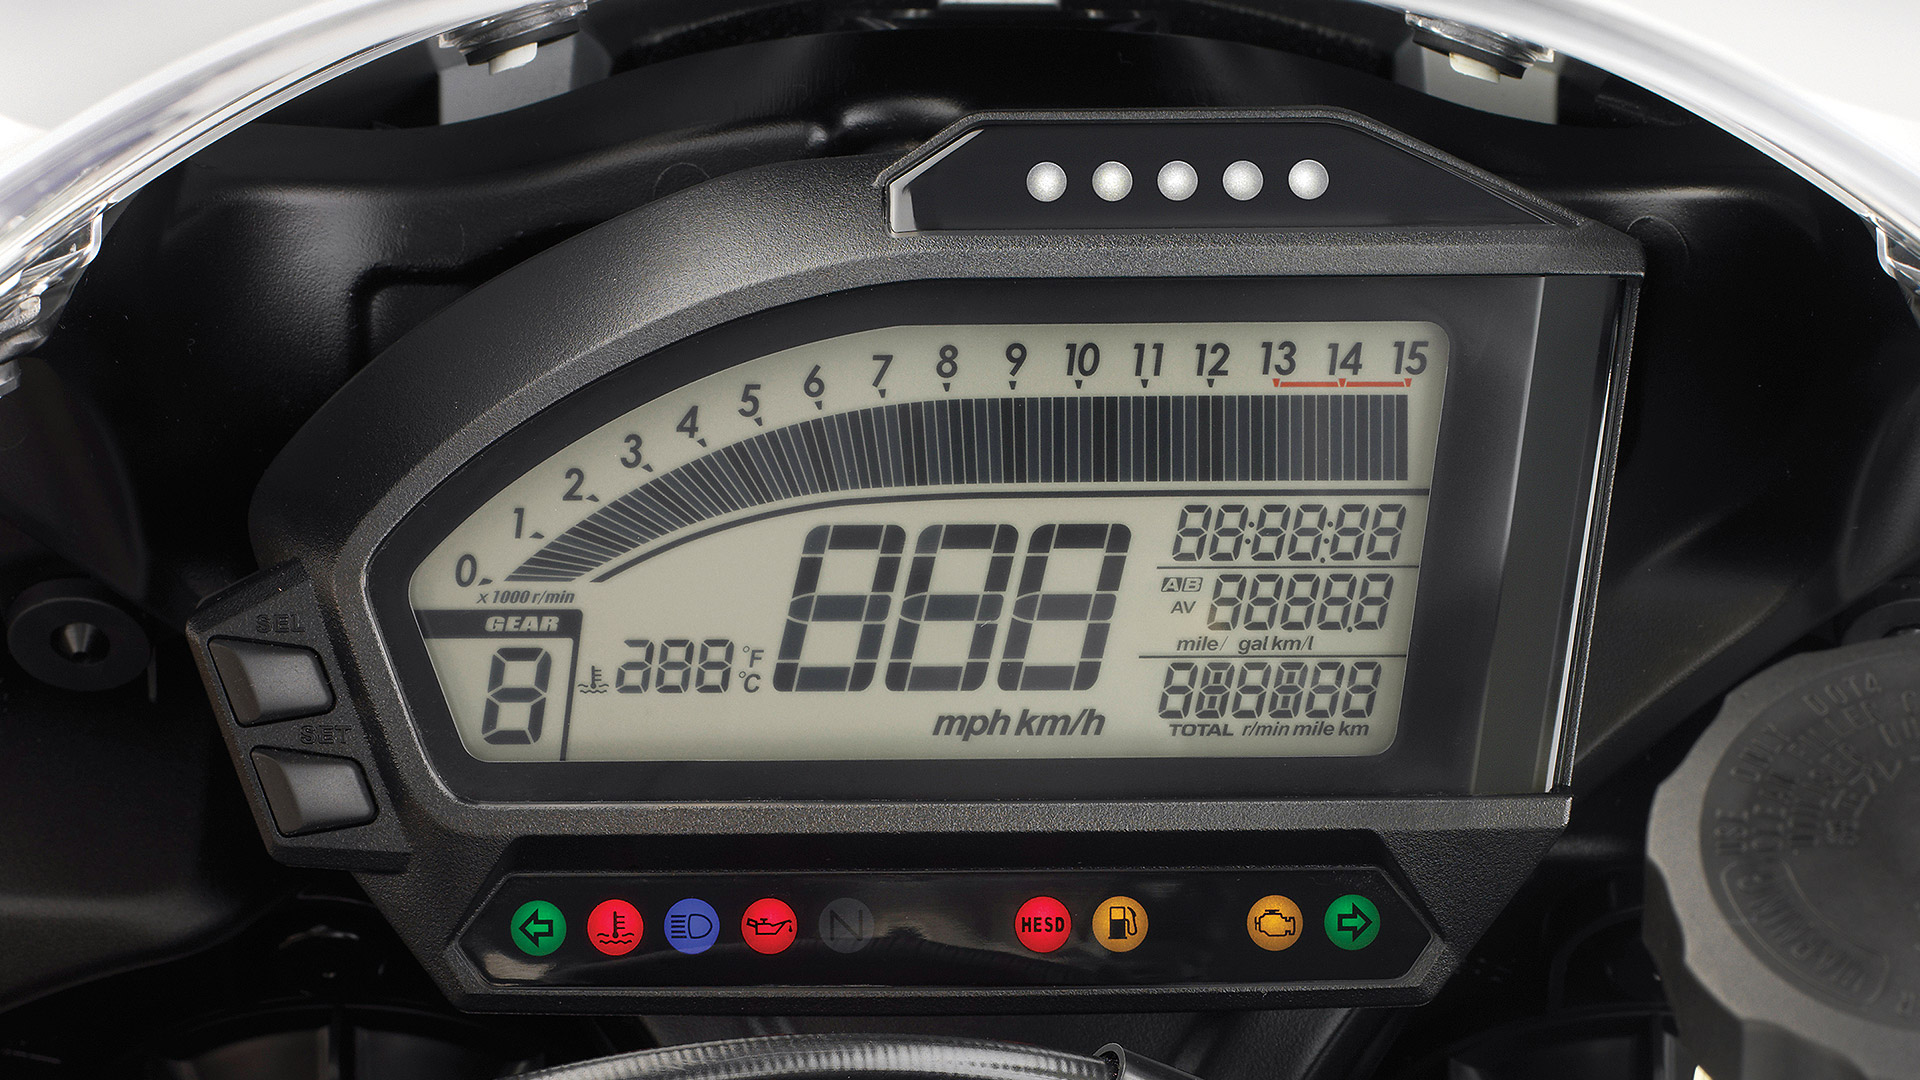 Honda CBR 1000RR 2015 Compare